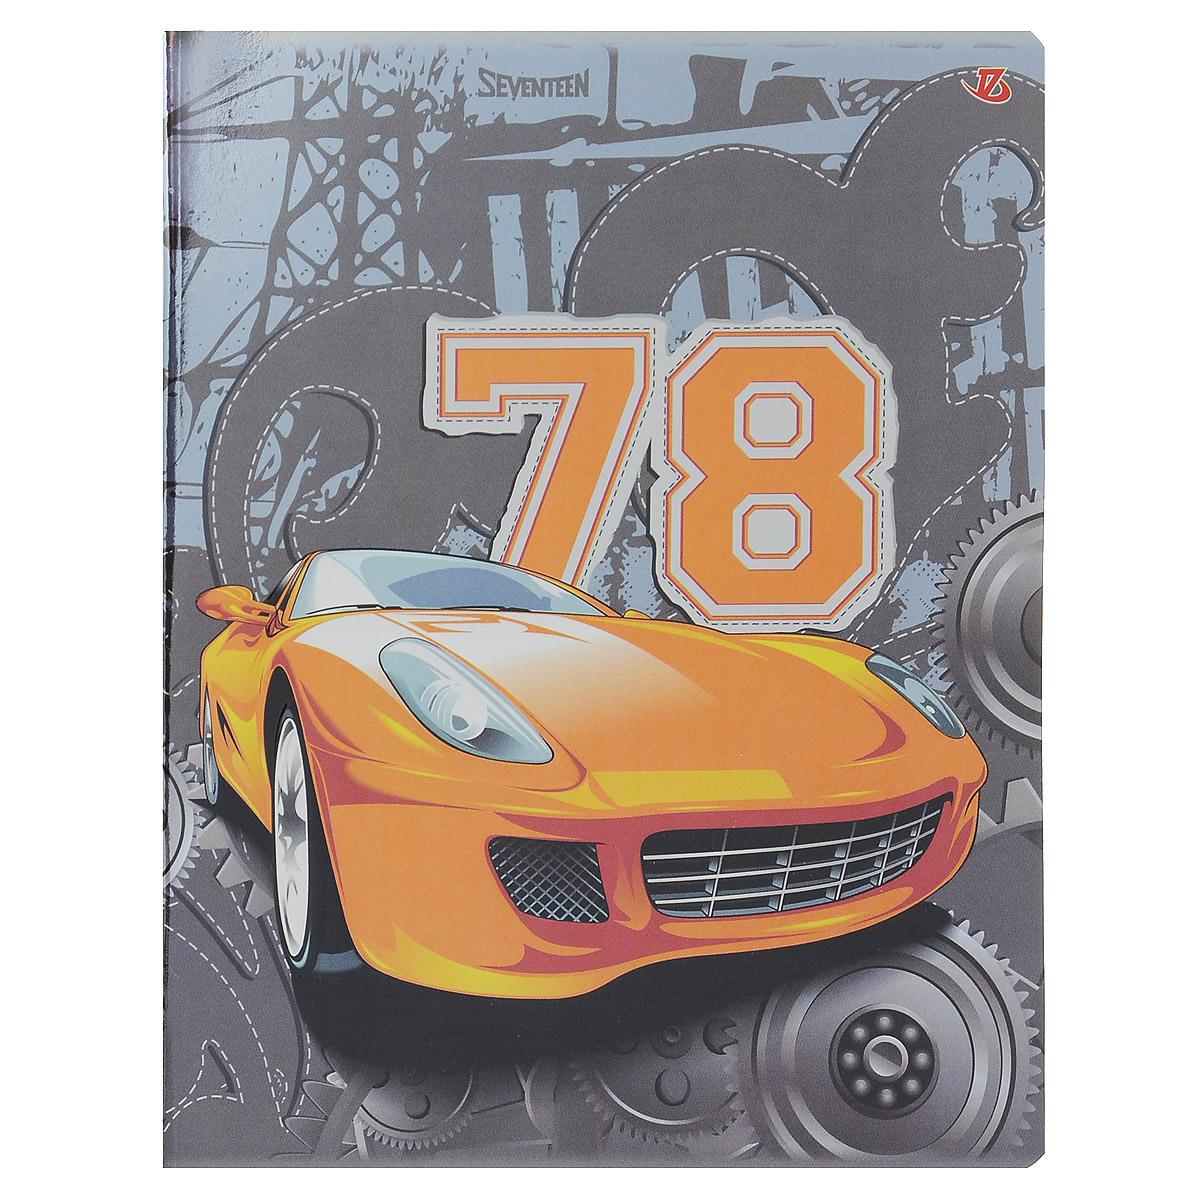 Тетрадь Seventeen Авто 78, цвет: серый, оранжевый, 48 листовSMA510-V8-ETТетрадь Seventeen Авто 78 прекрасно подойдет как студенту, так и школьнику.Обложка тетради с фактурным изображением оранжевого автомобиля выполнена из мелованного картона с закругленными углами.Внутренний блок тетради состоит из 48 листов высококачественной бумаги повышенной белизны. Стандартная линовка в клетку дополнена полями, совпадающими с лицевой и оборотной стороны листа. Первая страничка содержит поля для заполнения личных данных.